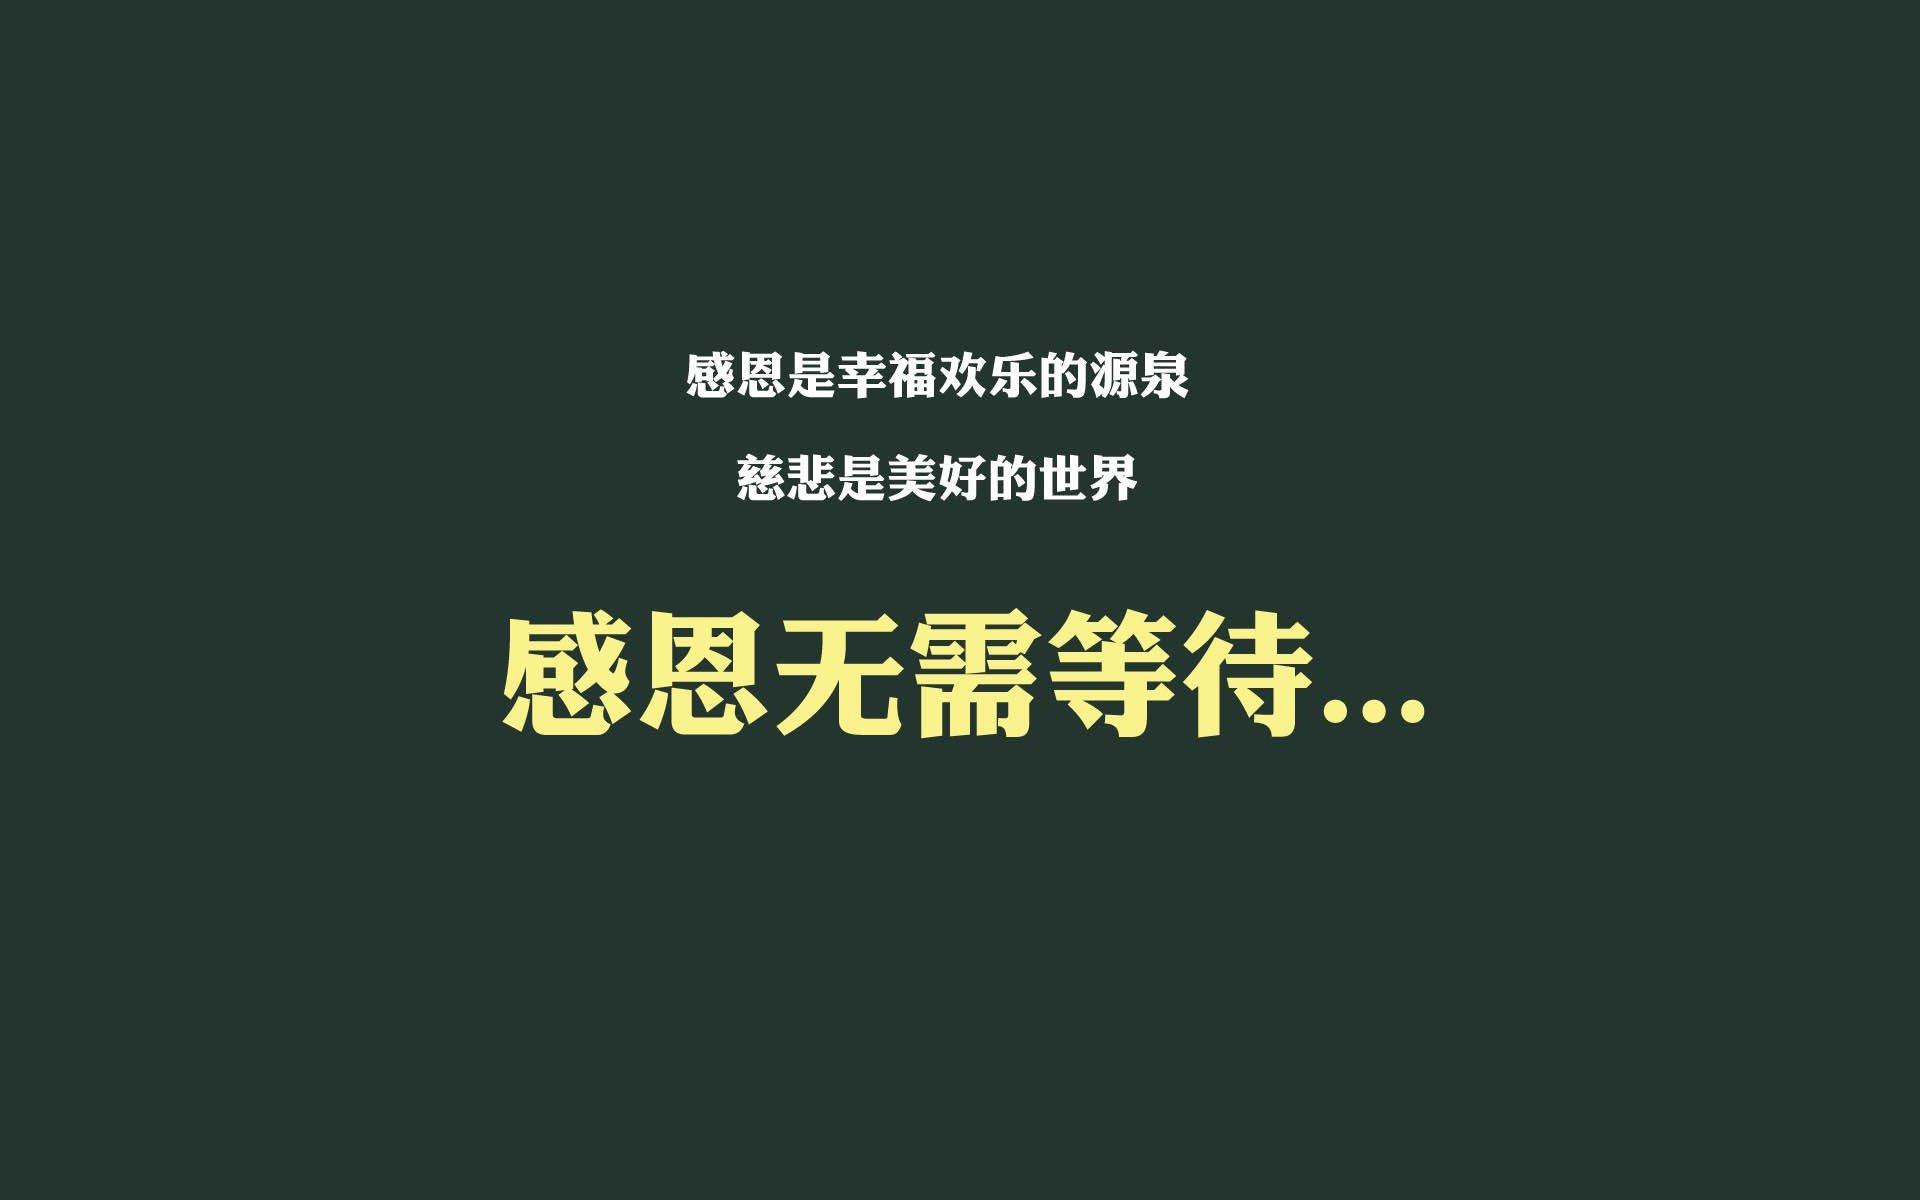 书法字欣赏,中国书法有哪些字体